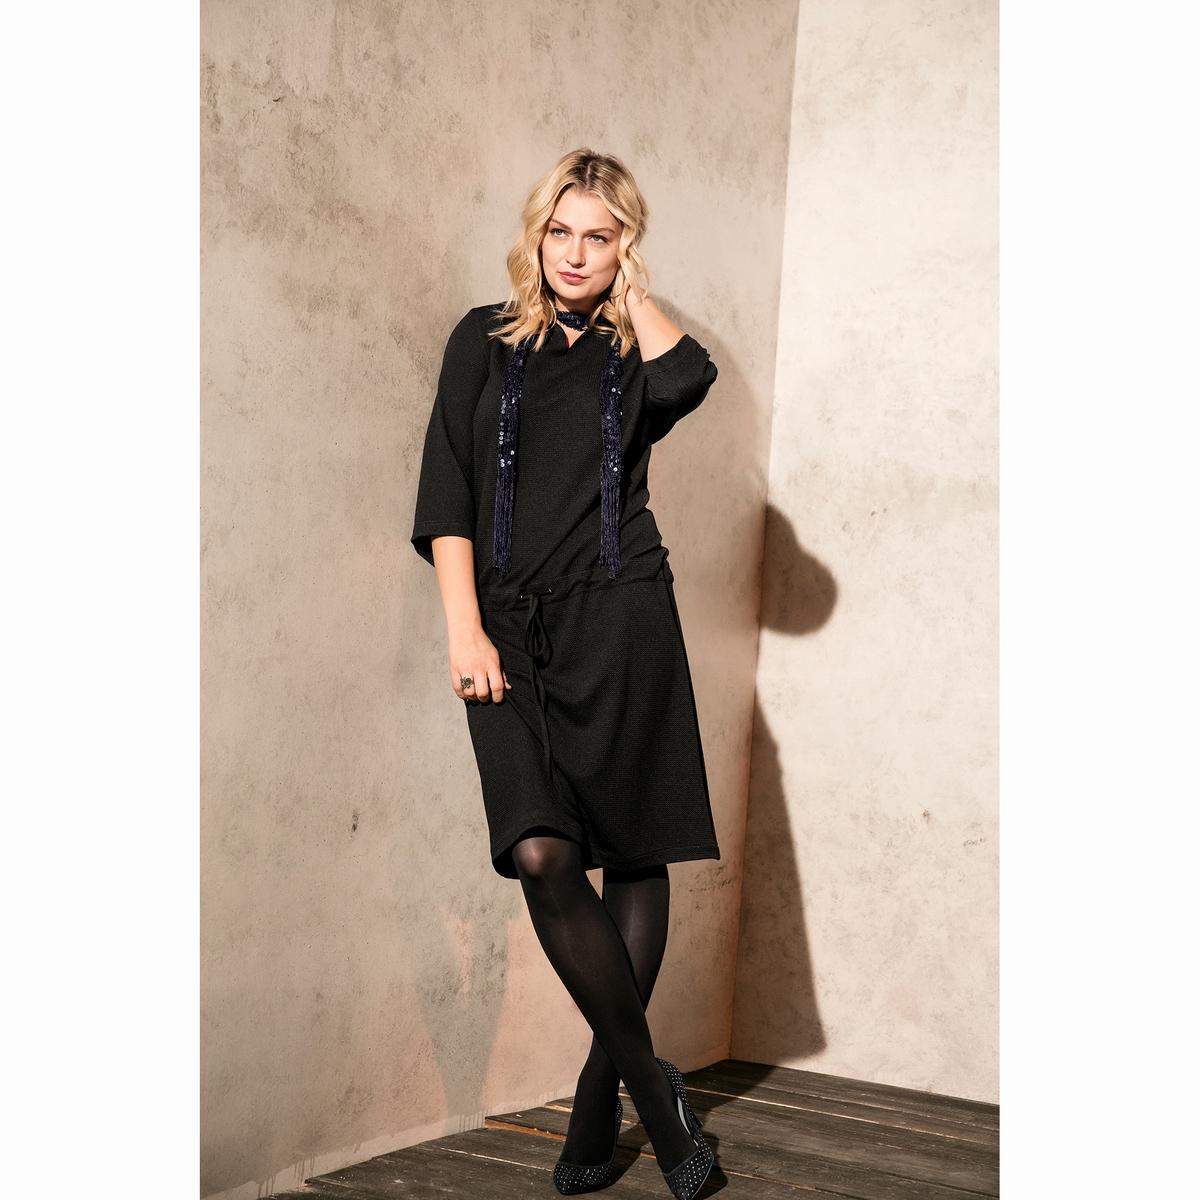 ПлатьеПлатье ULLA POPKEN. 95% полиэстера, 5% эластана.<br><br>Цвет: черный<br>Размер: 52 (FR) - 58 (RUS).46 (FR) - 52 (RUS)